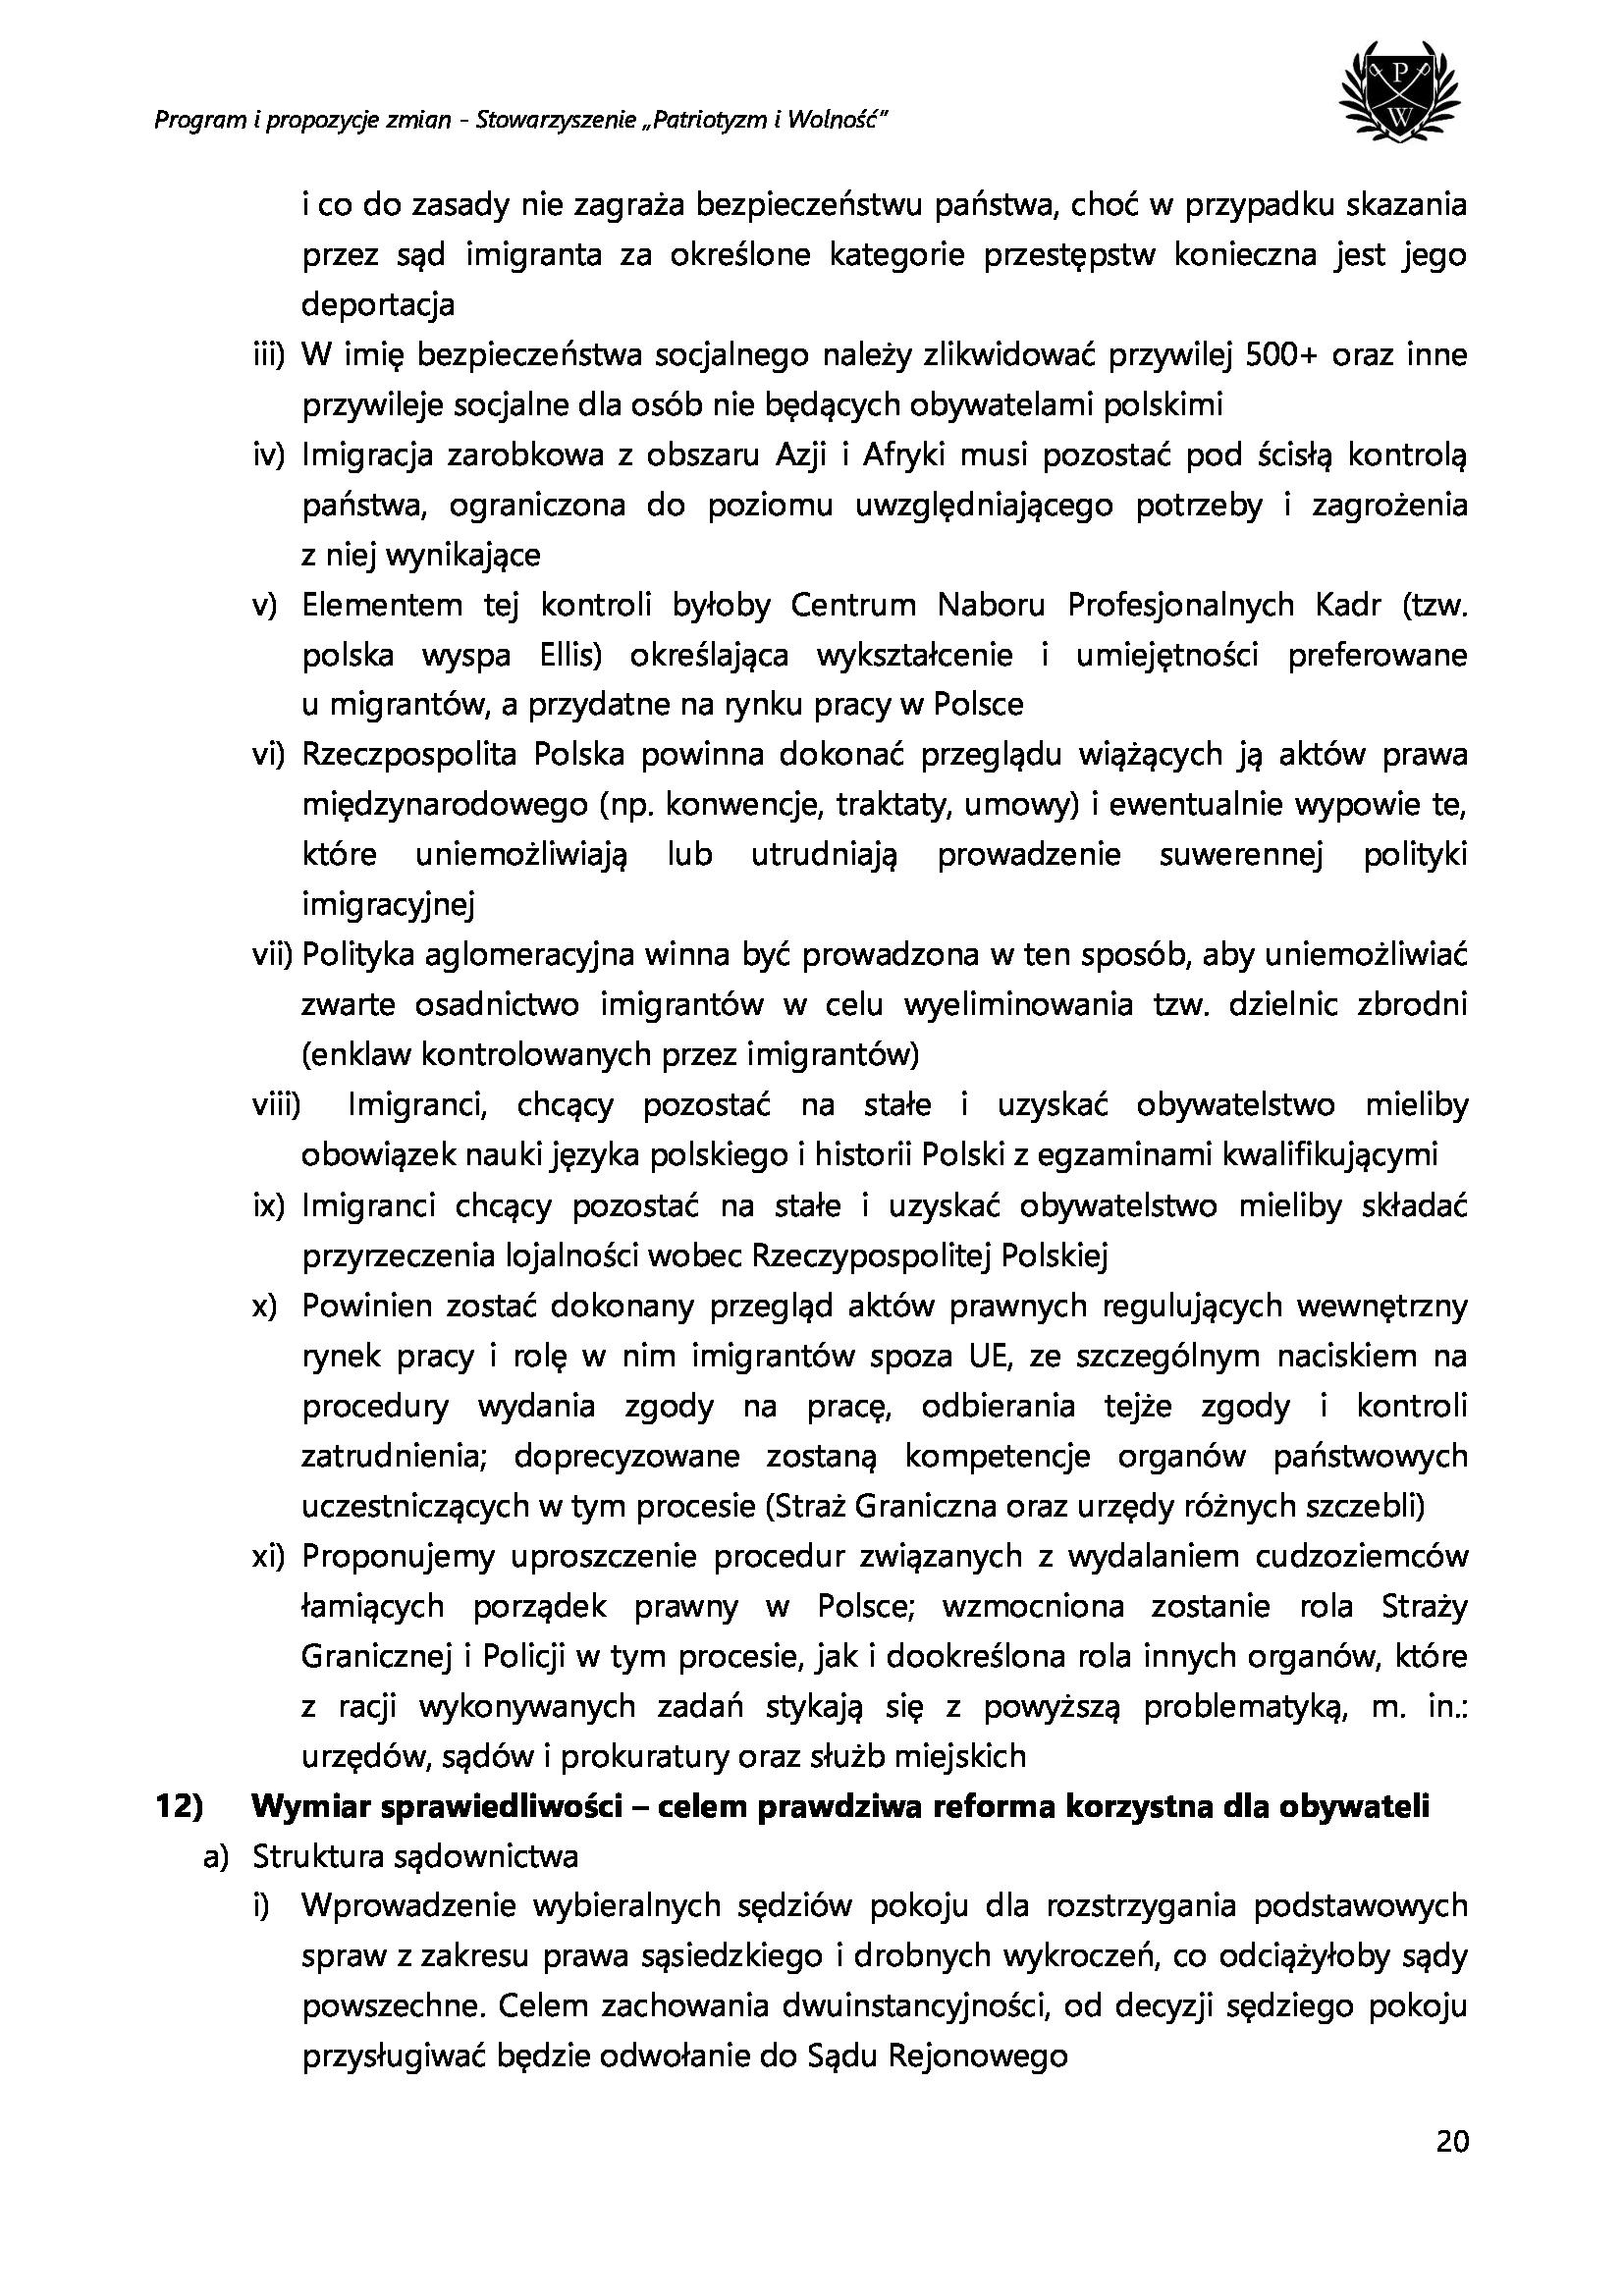 db9e272ef5a9a2e66d26f1905be6c507-20